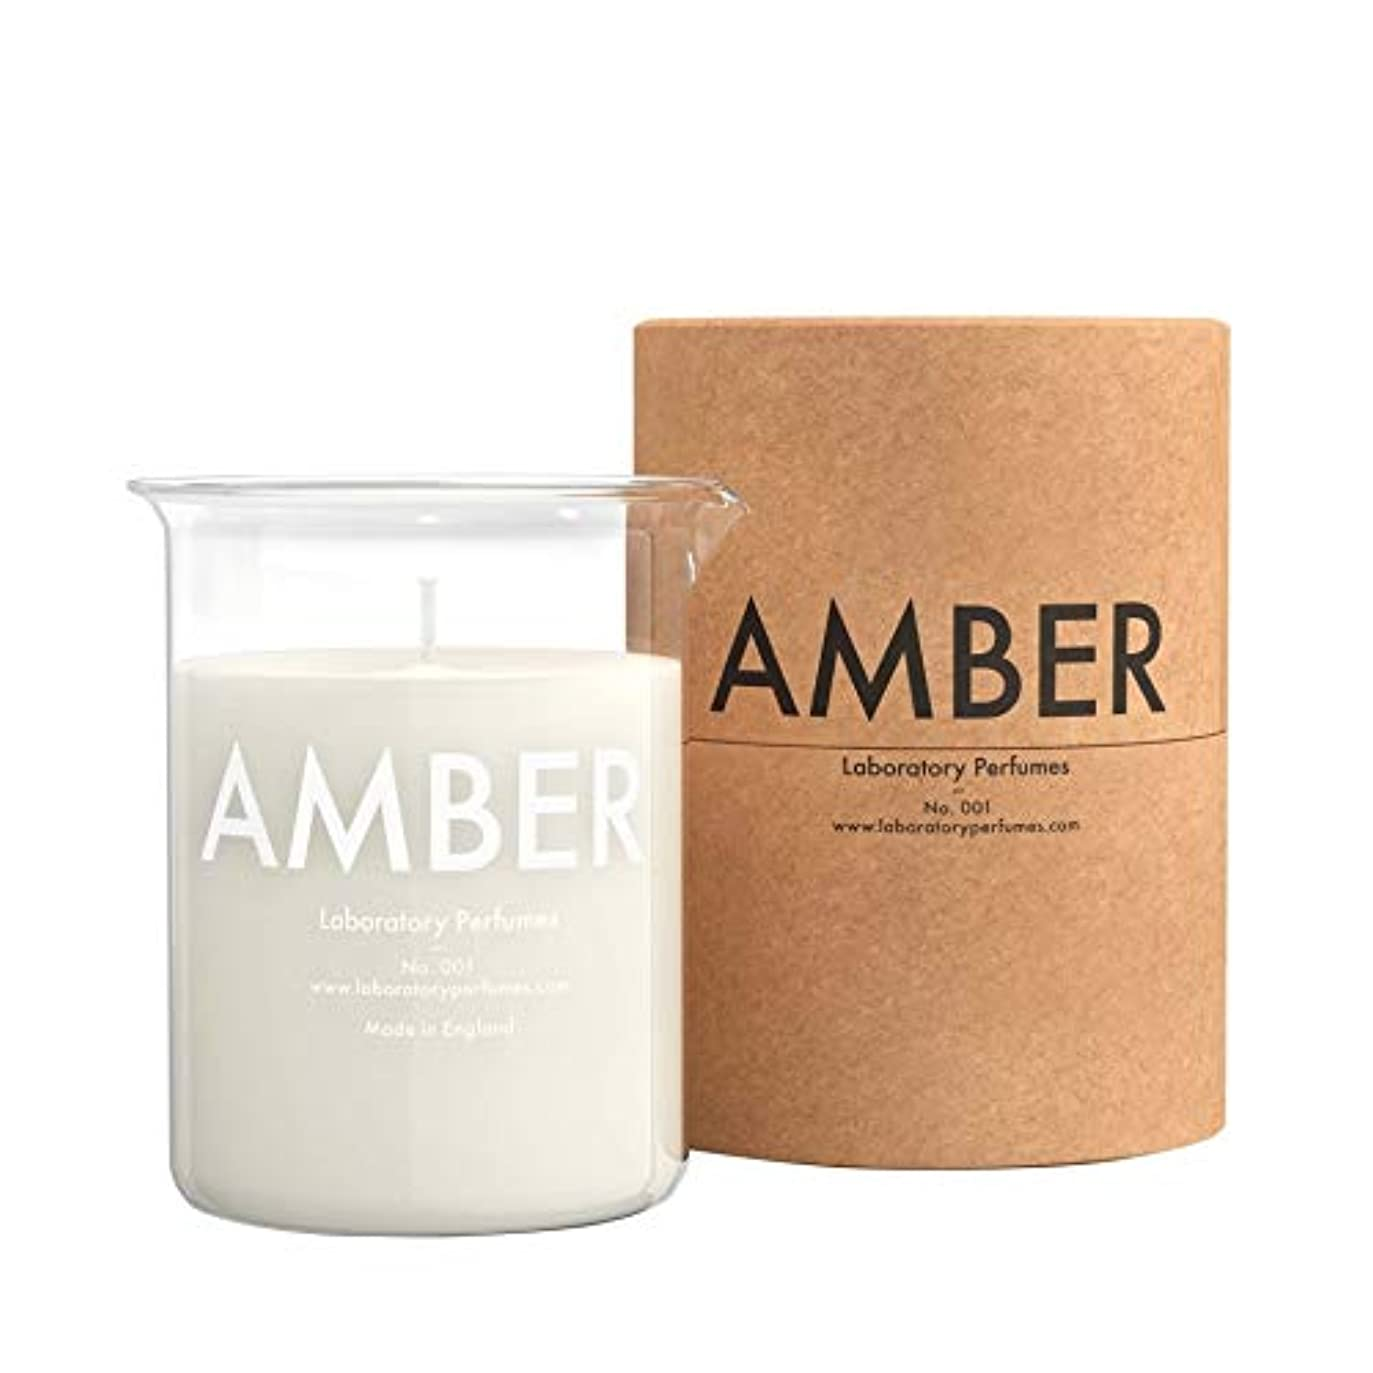 ベルセラフ明るくする[Laboratory Perfumes ] 実験室の香水琥珀色のキャンドル - Laboratory Perfumes Amber Candle [並行輸入品]